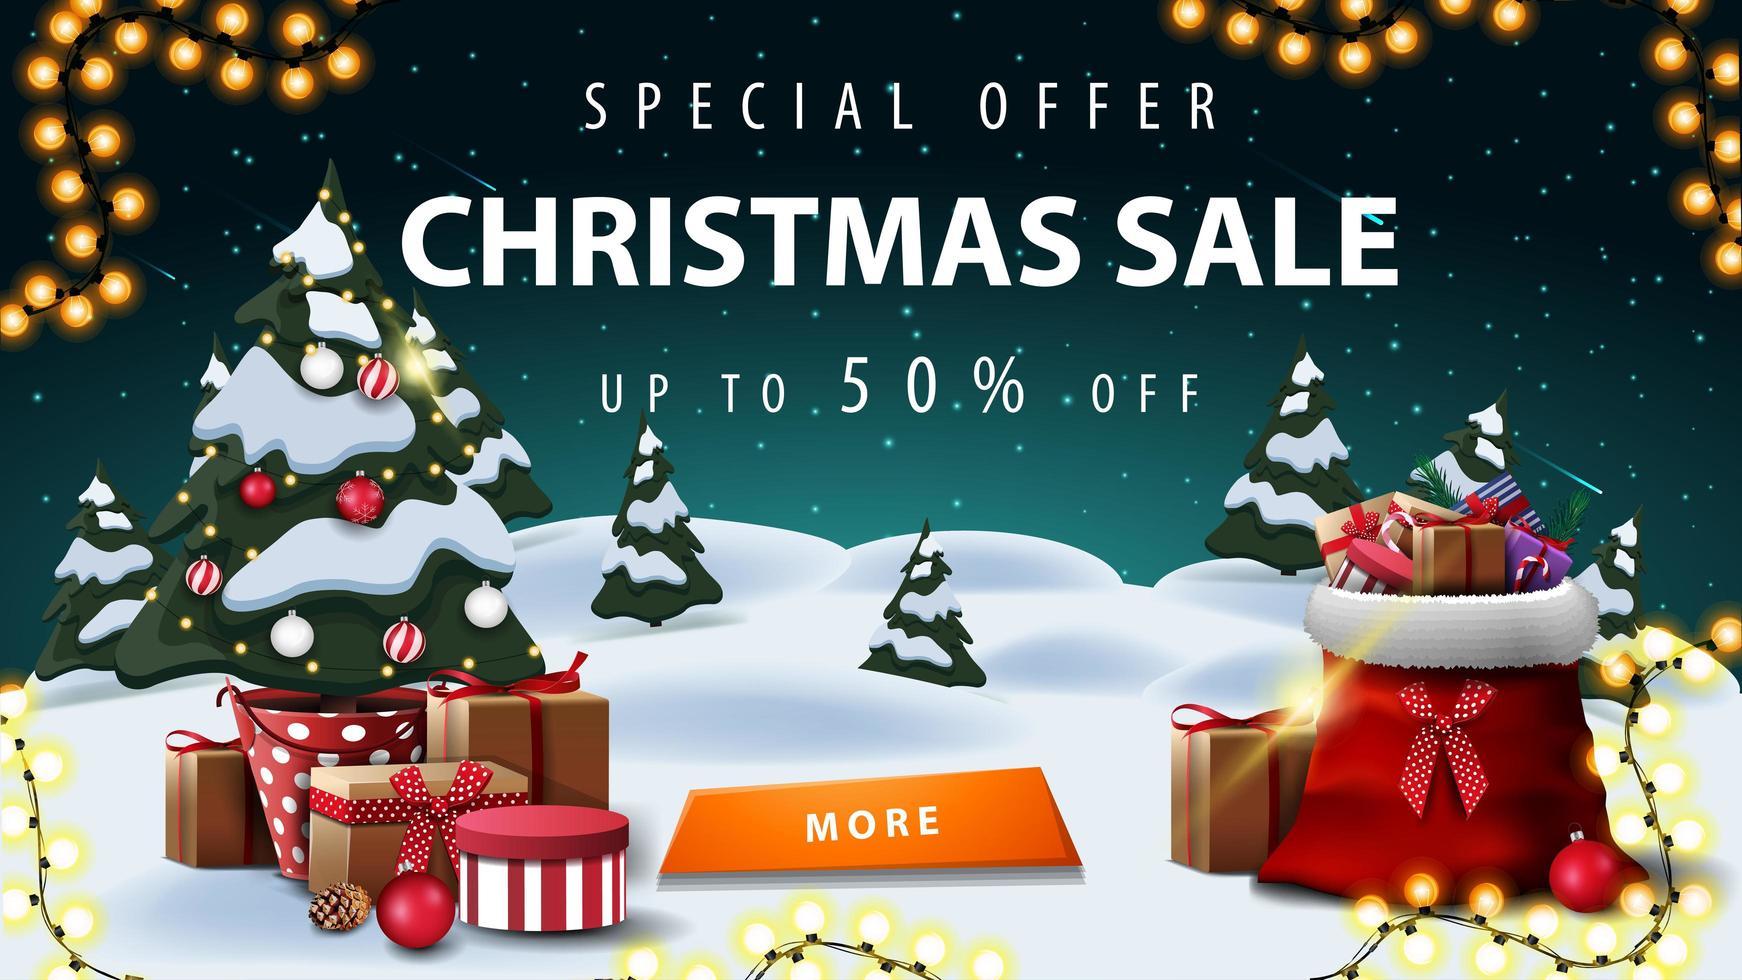 speciale aanbieding, kerstuitverkoop, tot 50 korting, kortingsbanner met winterlandschap. sterrenhemel, slinger, knoop, kerstboom in een pot met cadeautjes en kerstmanzak met cadeautjes vector